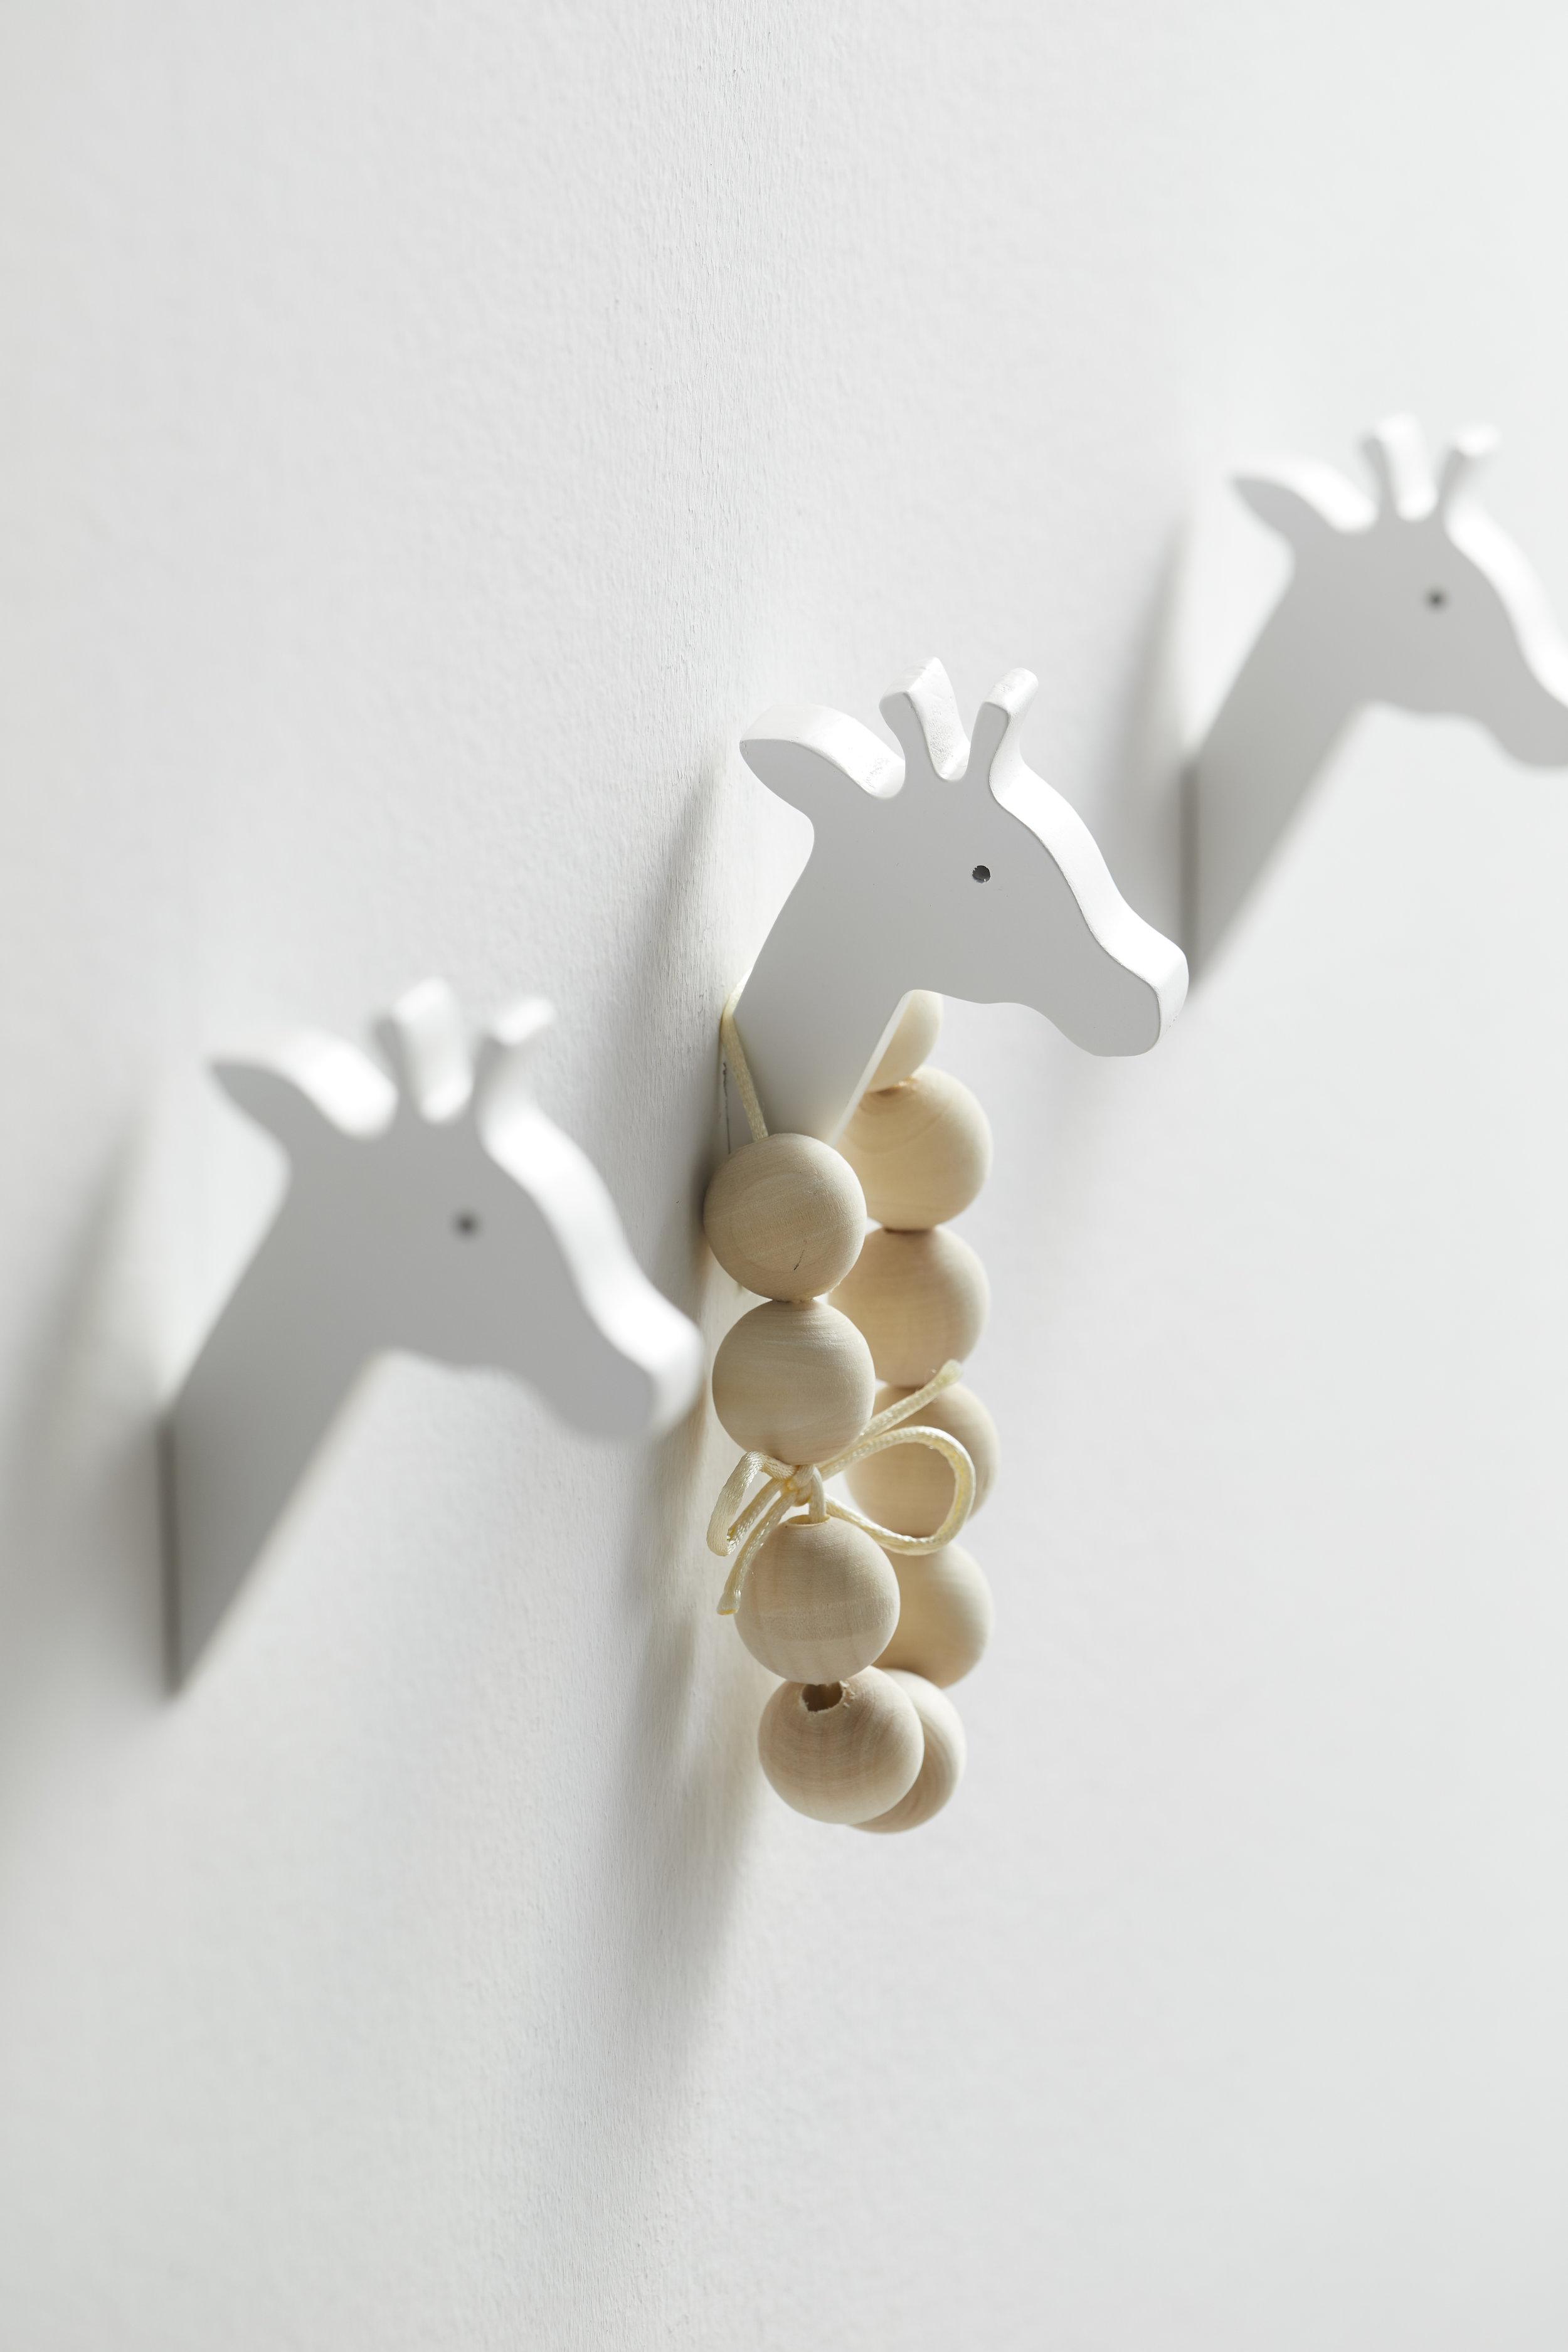 KidsBoutique_GiraffeHooks_V3.jpg